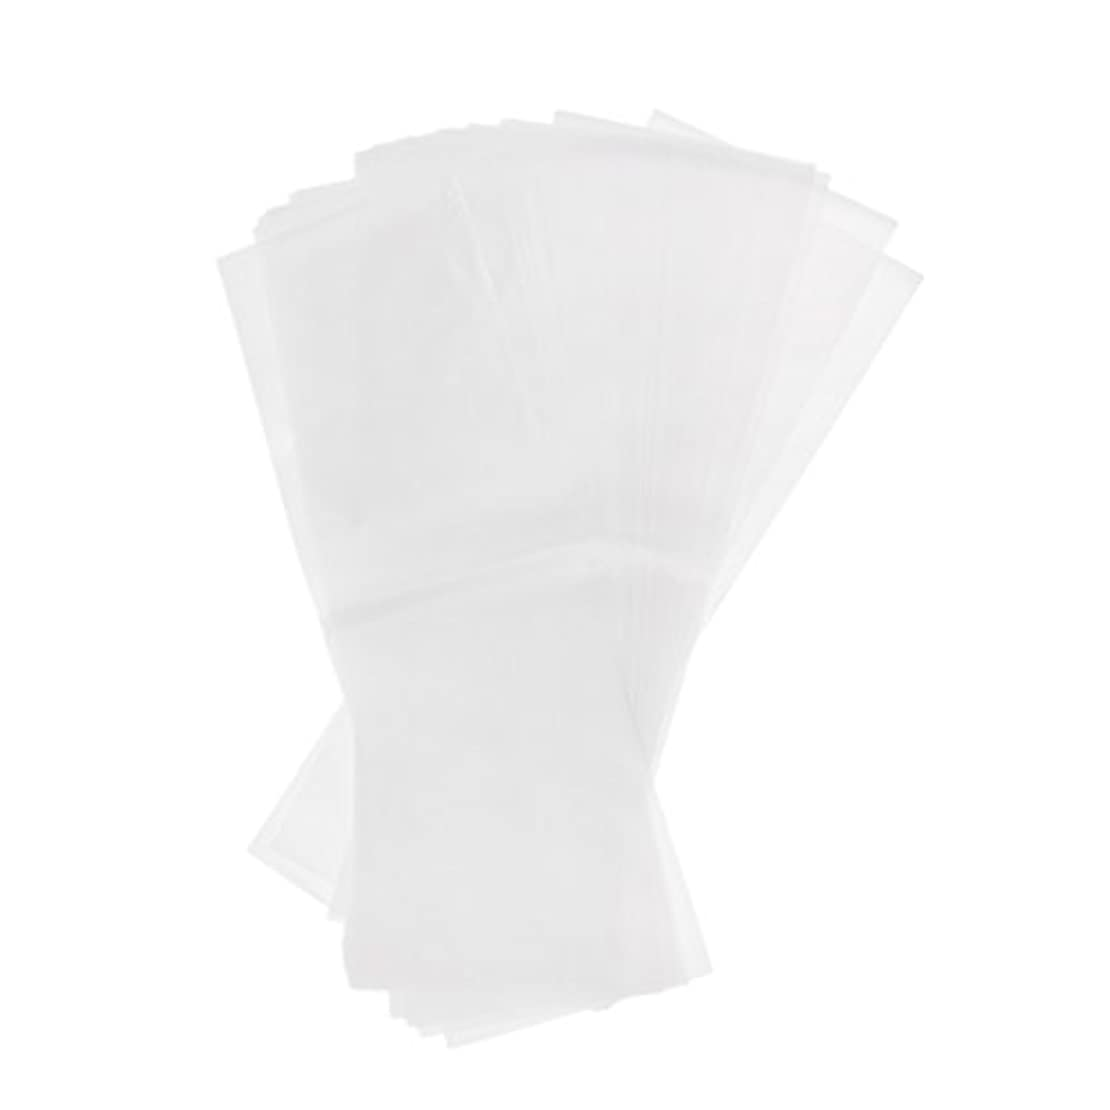 シンク修理工谷Kesoto 約50枚 プラスチック製 染毛紙 ハイライト サロン 毛染め紙 ハイライトシート 再利用可能 2仕様選べ - ホワイト